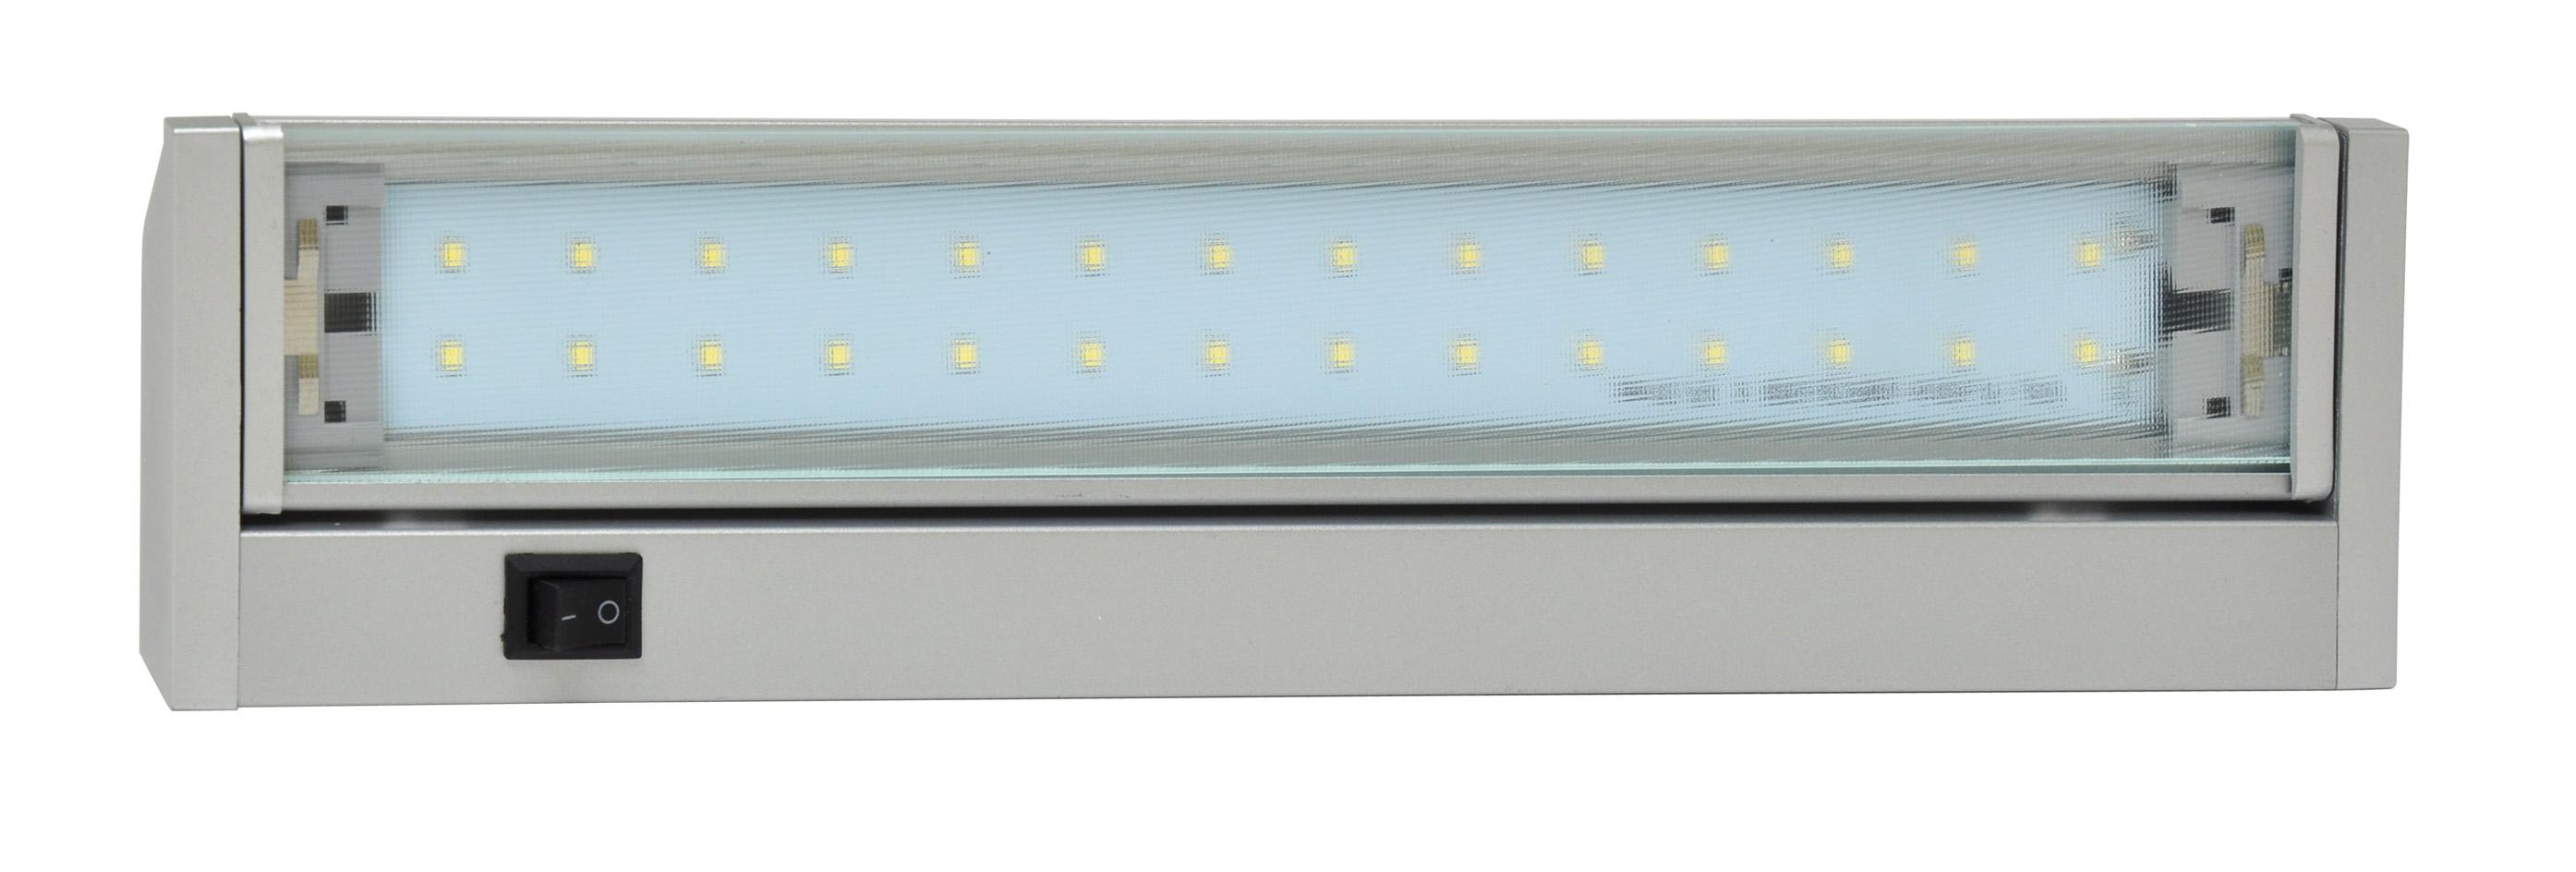 Ecolite TL2016 28SMD 5,5W, Kuchyňské svítidlo